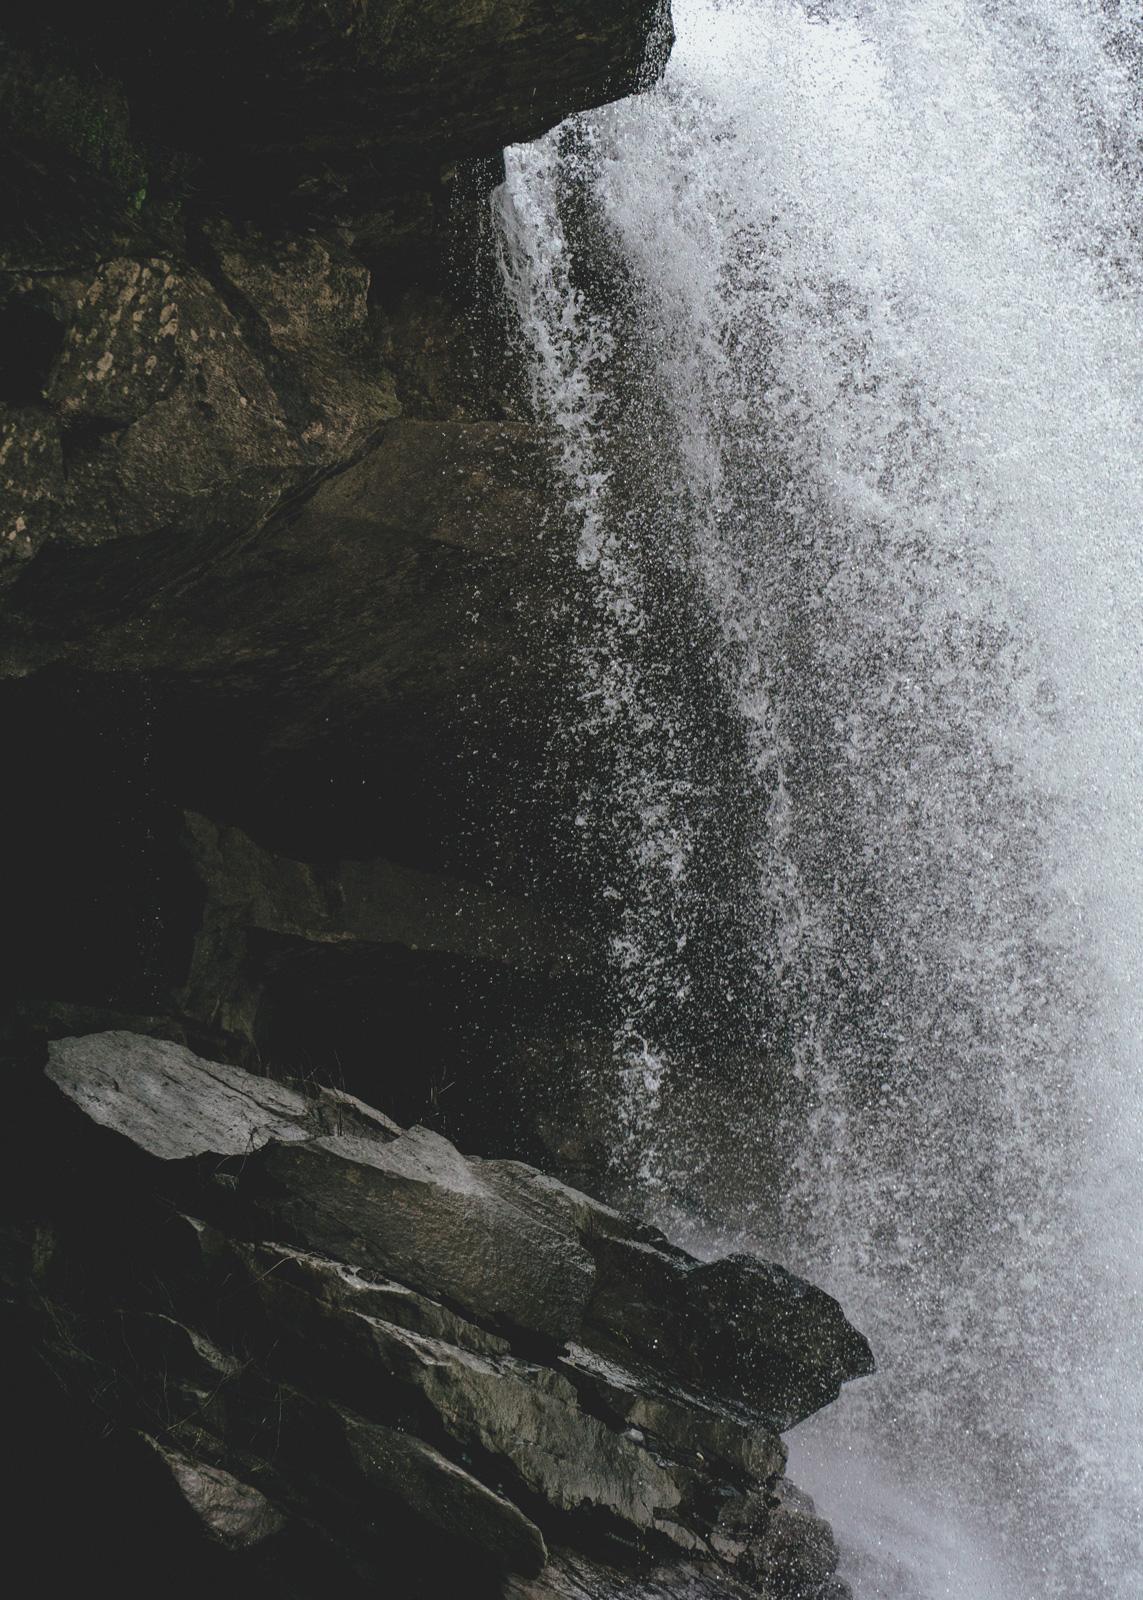 meet-ya-at-the-falls